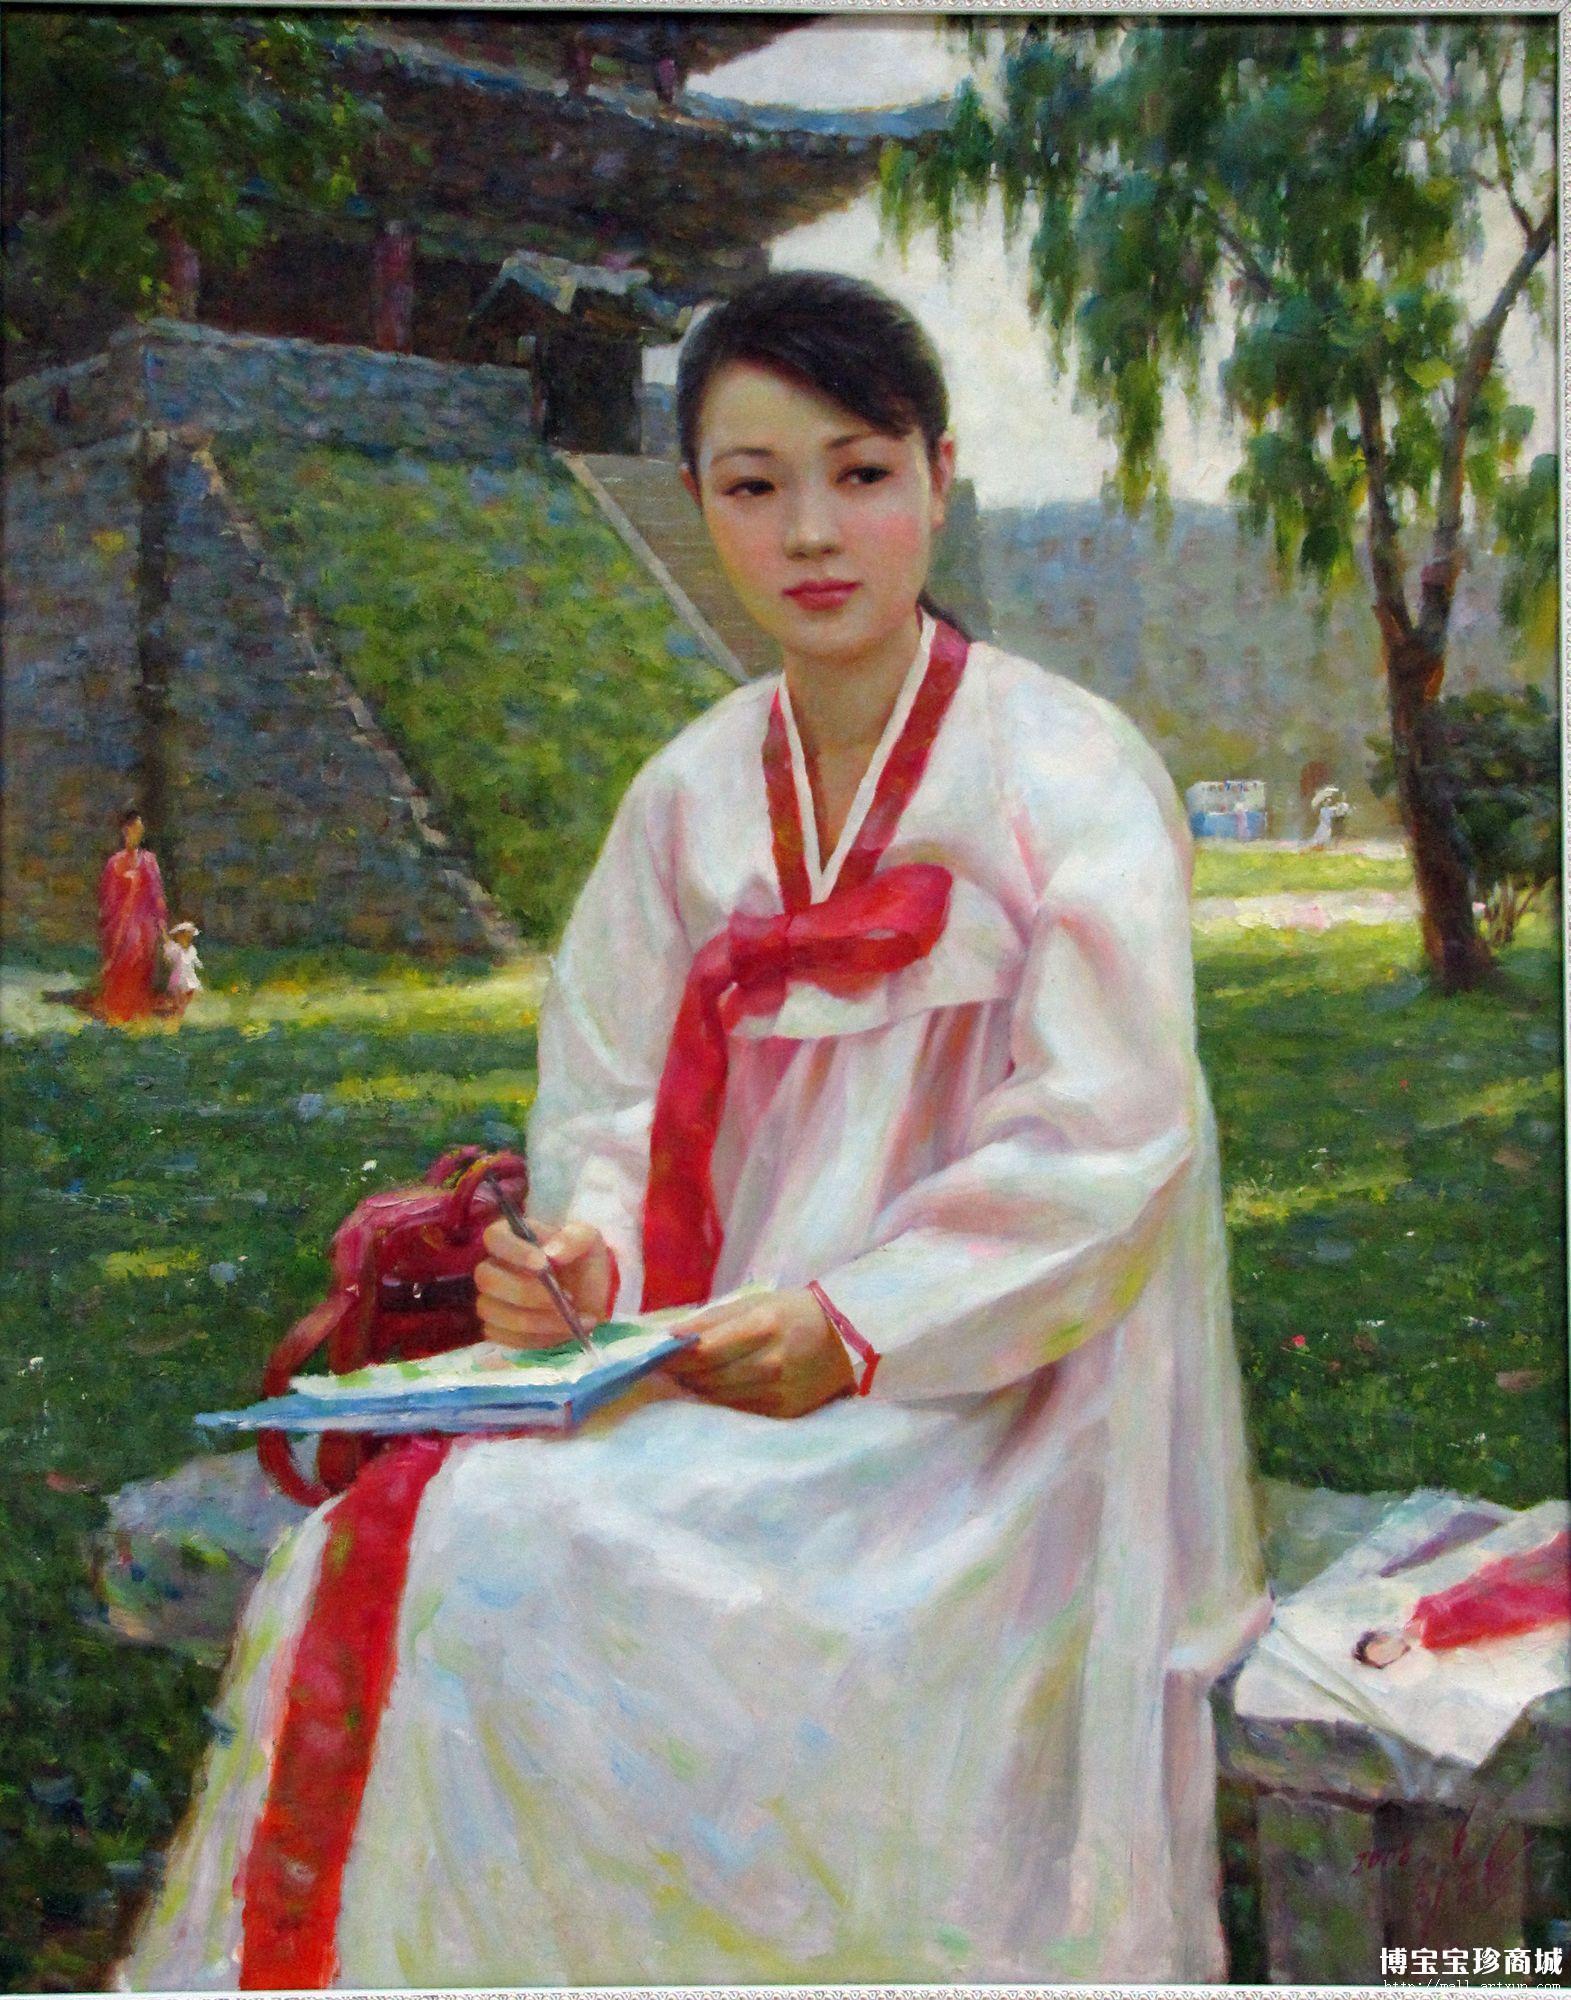 油画中的北朝鲜妹纸